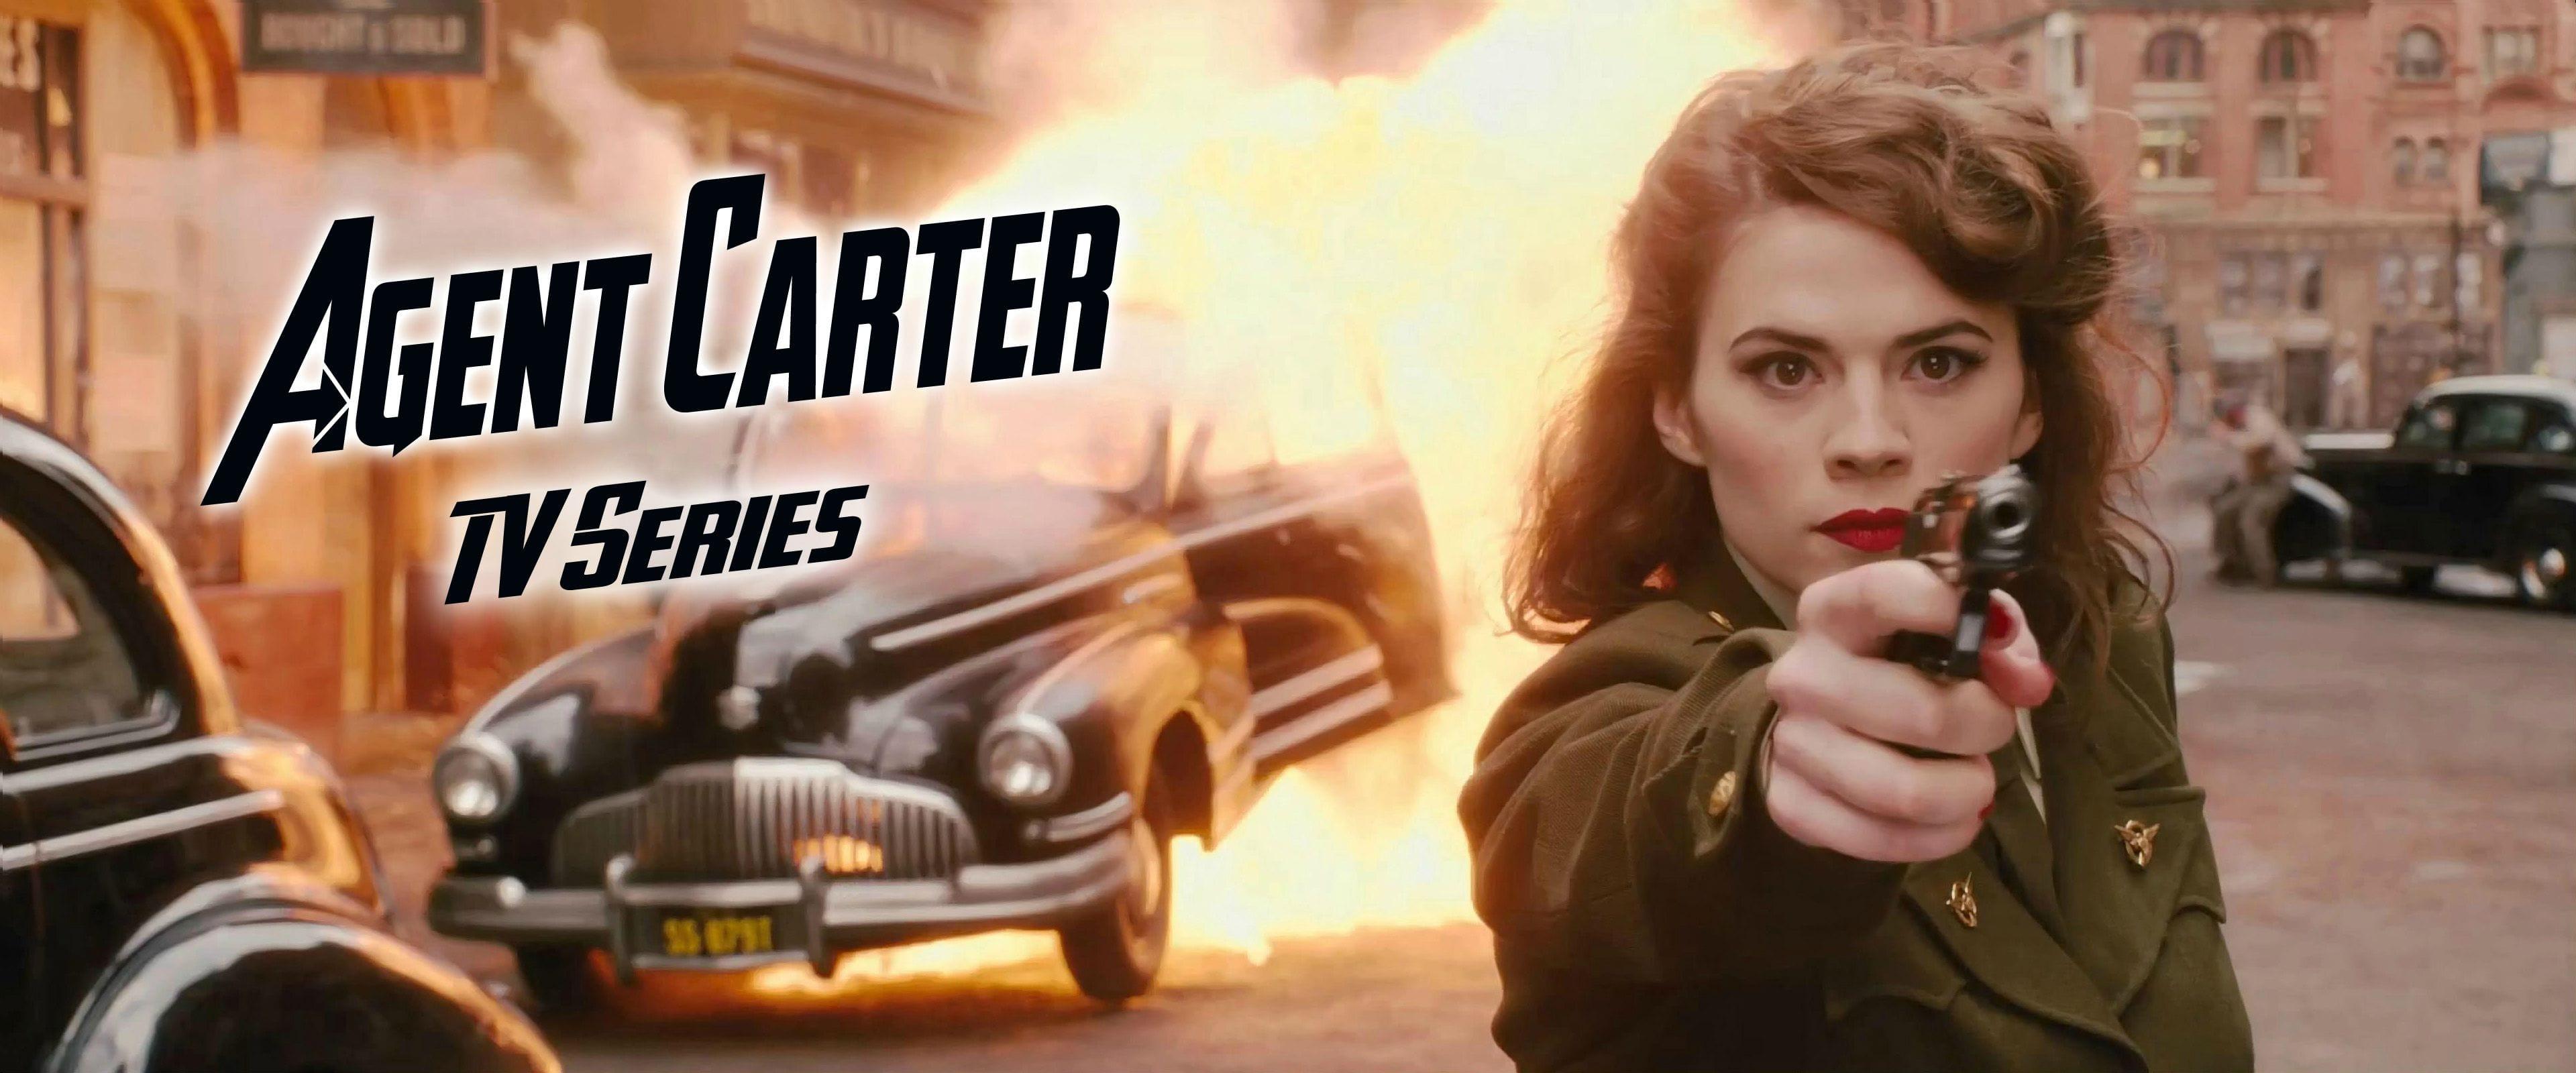 Agent Carter HD